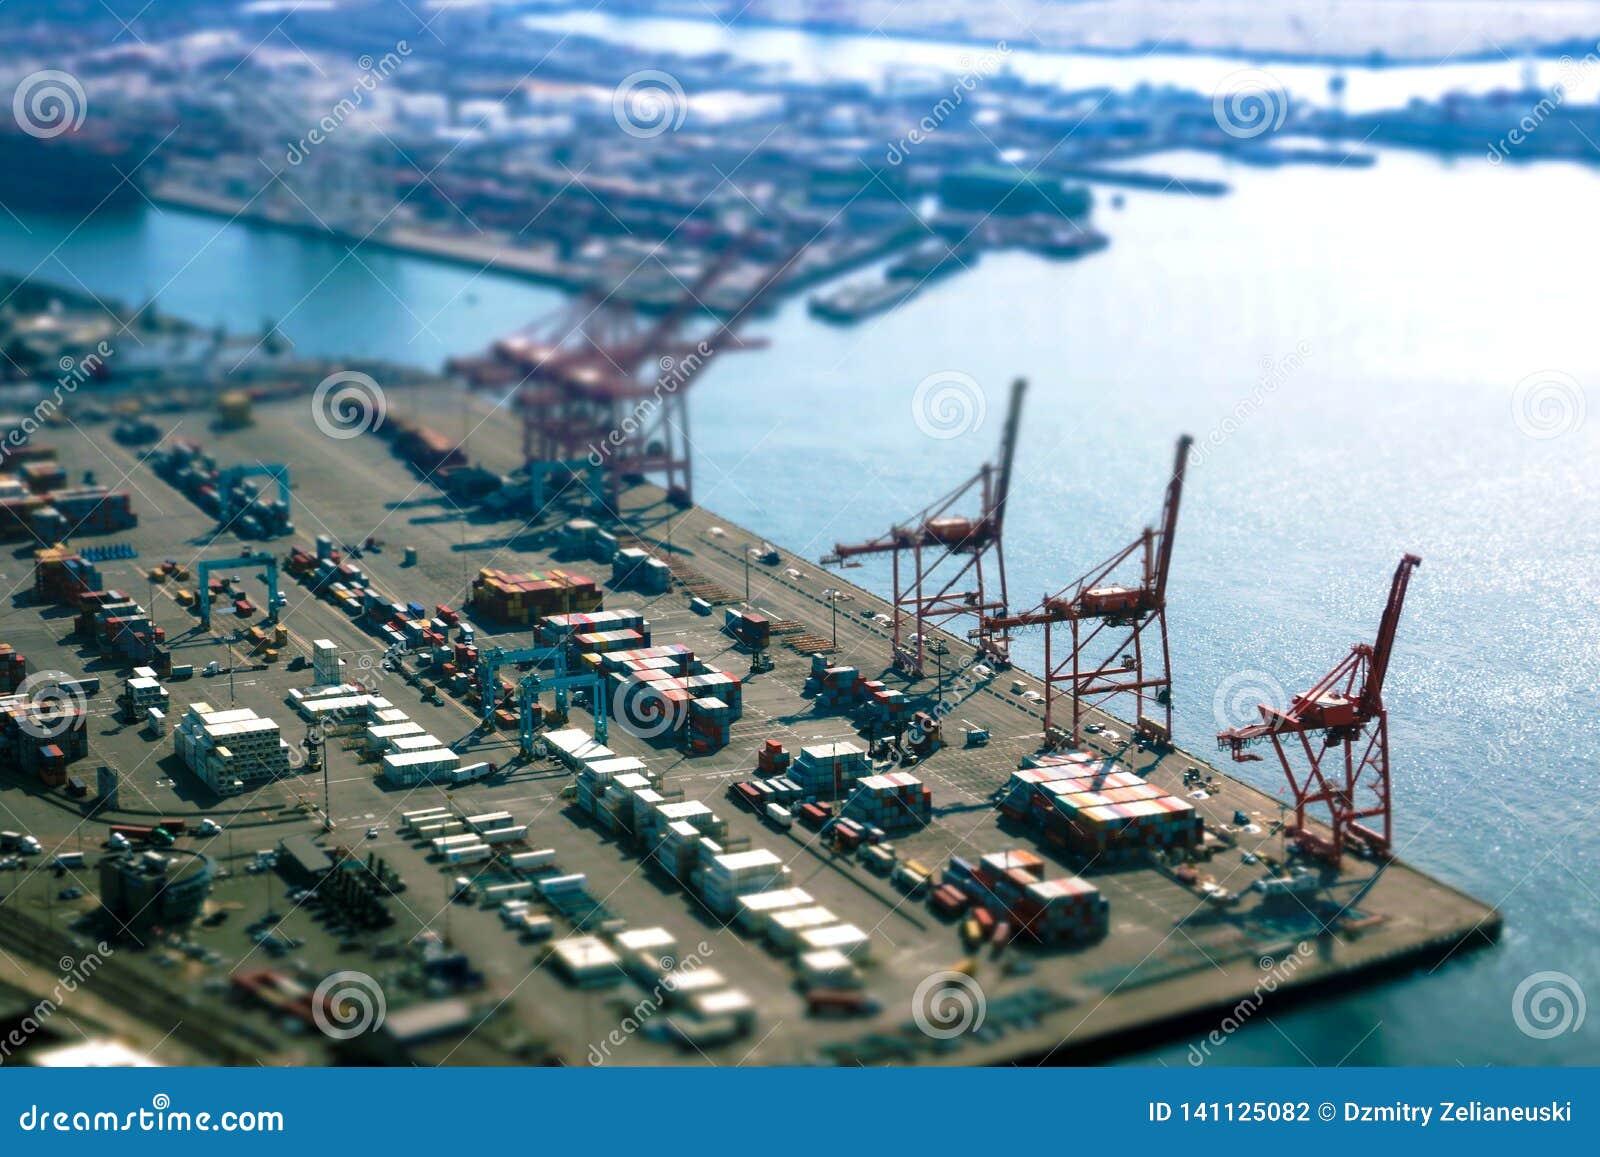 Seattle, Etats-Unis, le 31 août 2018 : Port de Seattle le long de Puget Sound, vue de Smith Tower